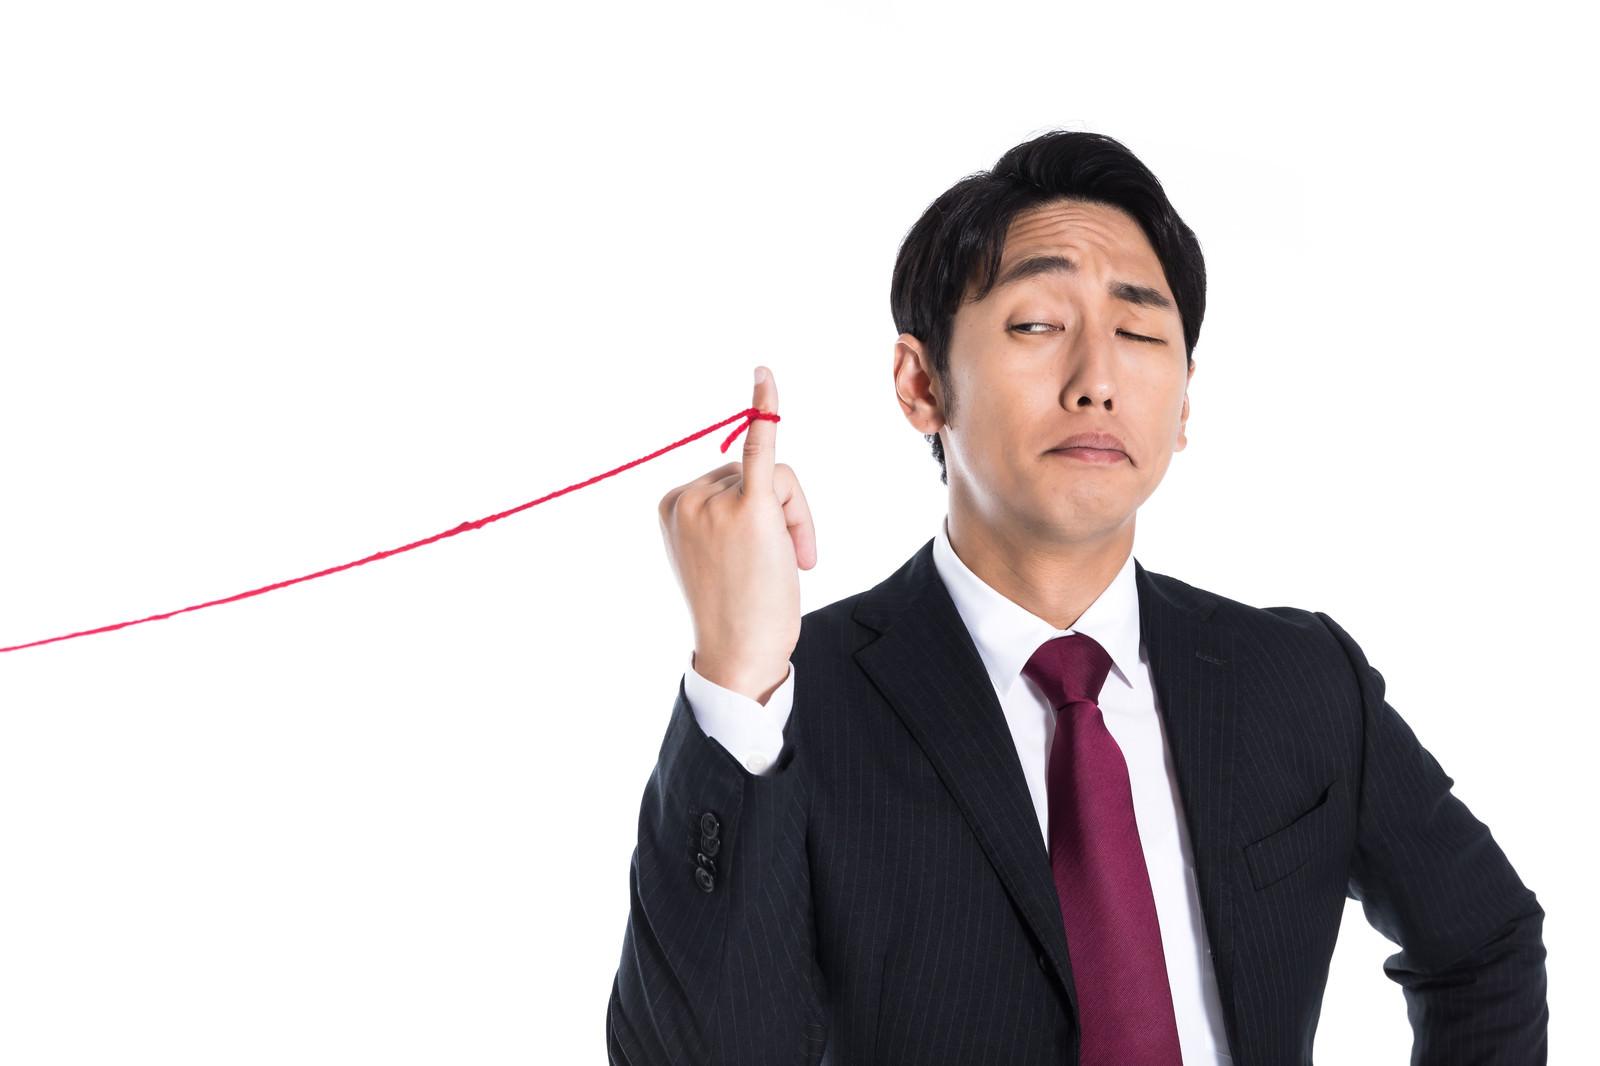 「高所得者を狙う赤い糸」の写真[モデル:大川竜弥]